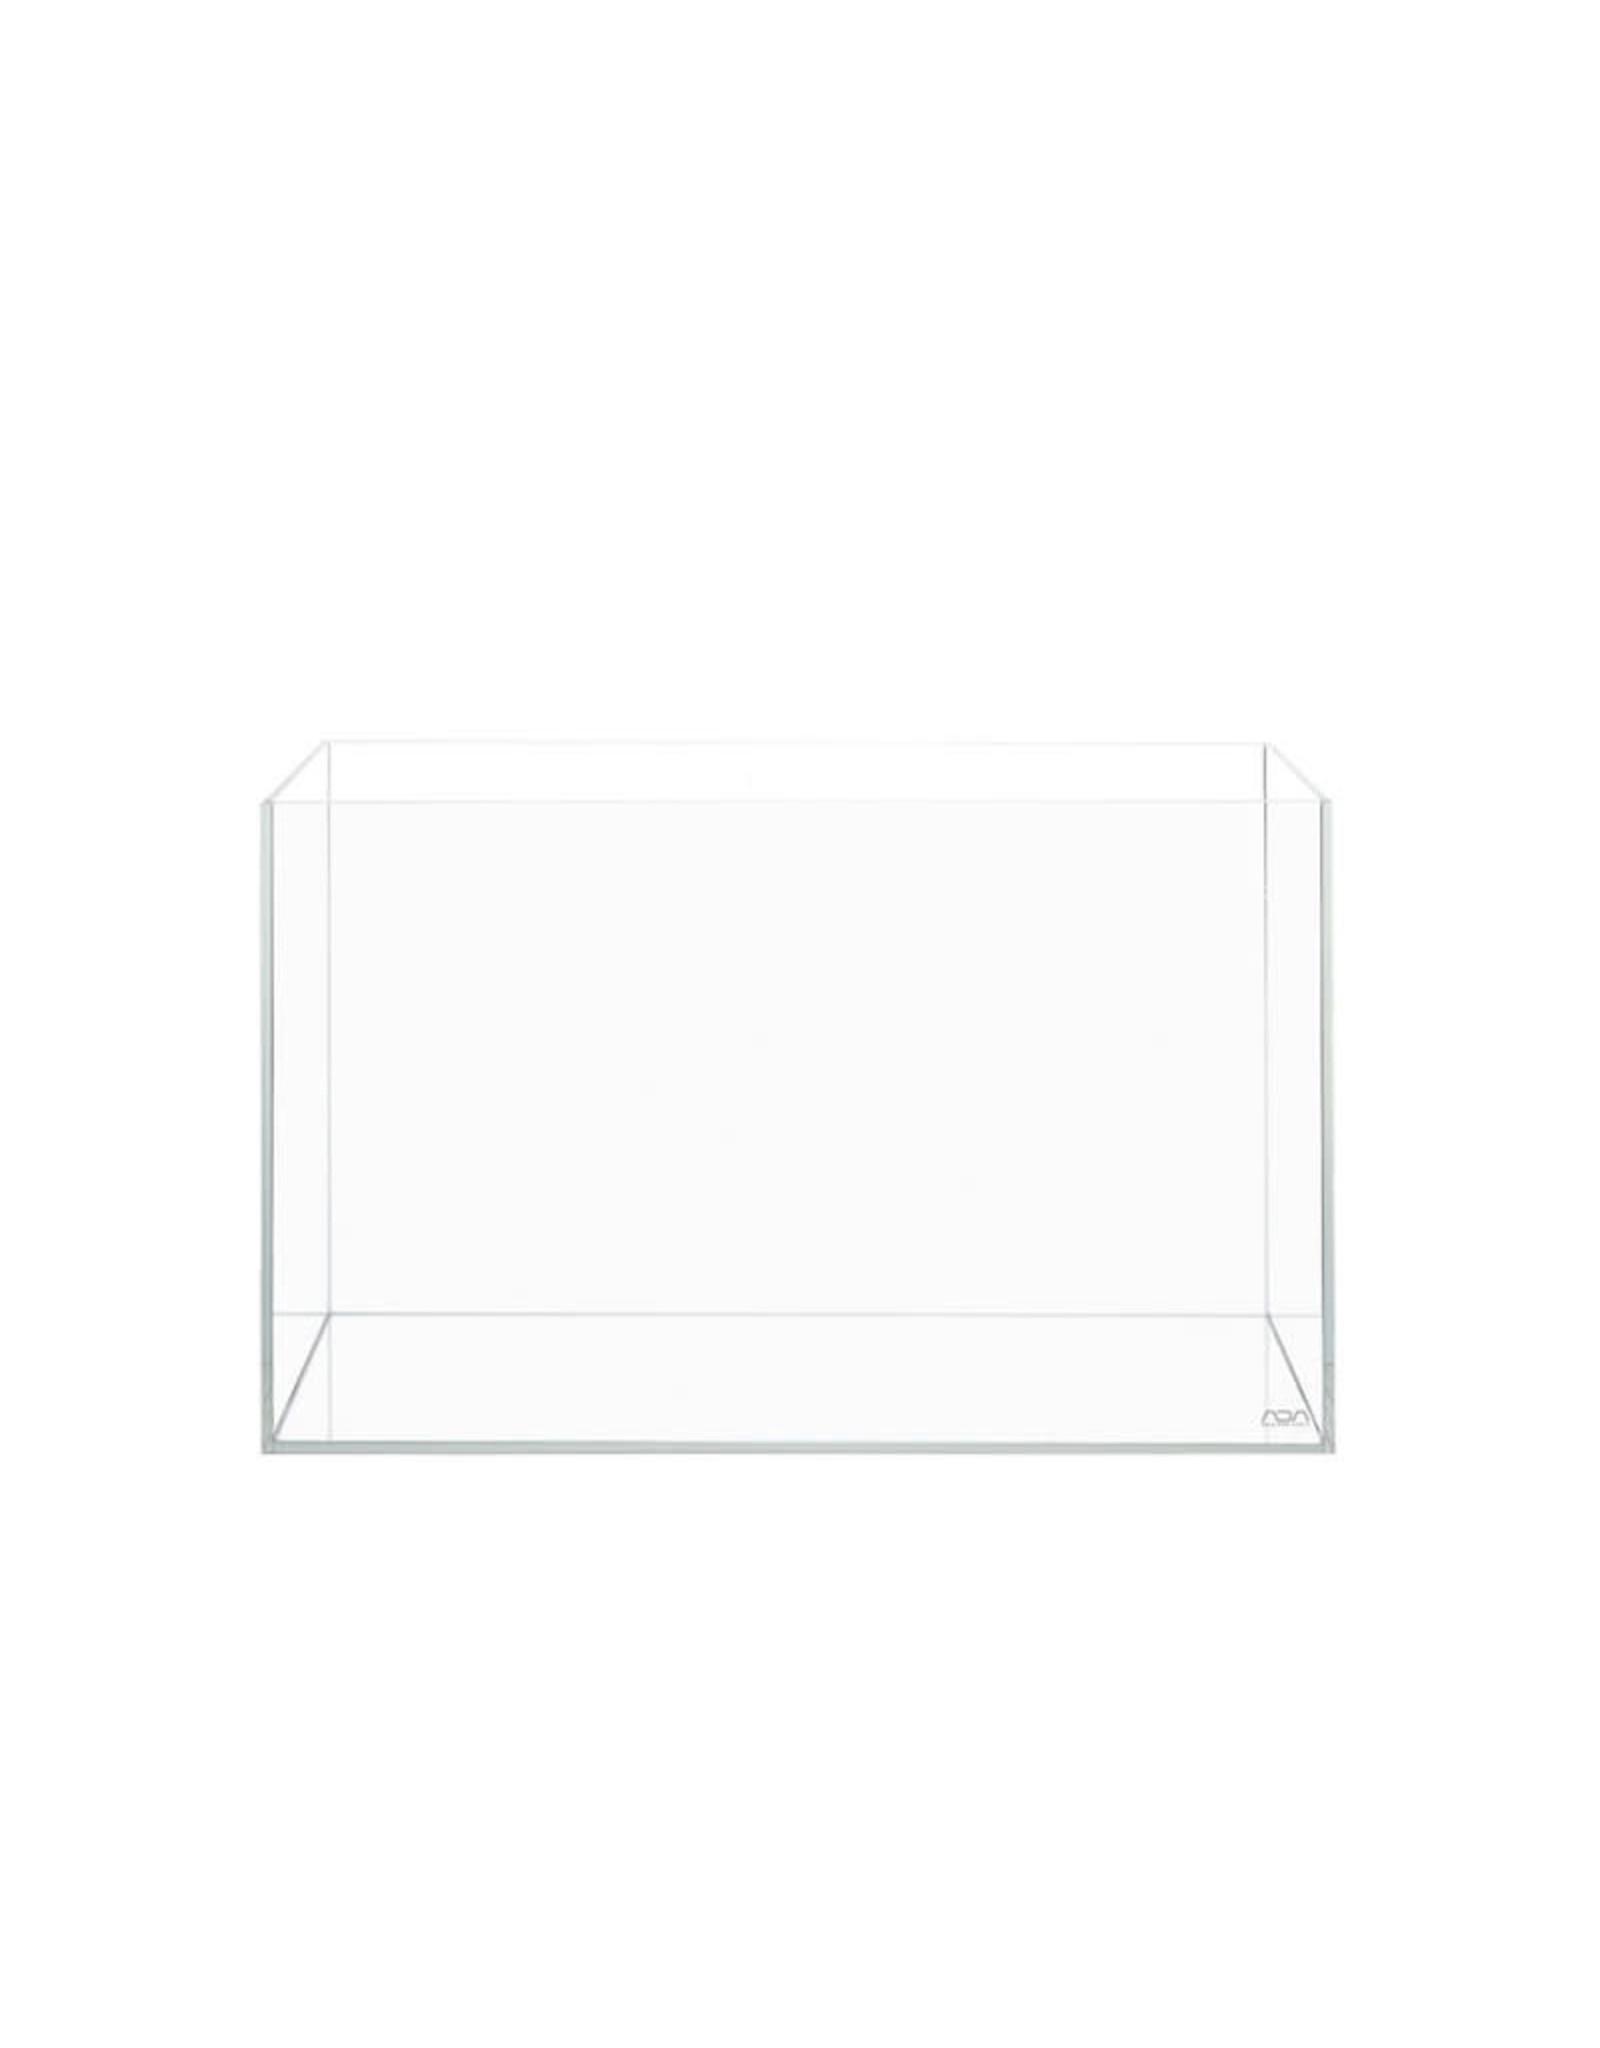 ADA Cube Garden 60-H(30) (60x30x45cm/6mm) incl. 4 hooks